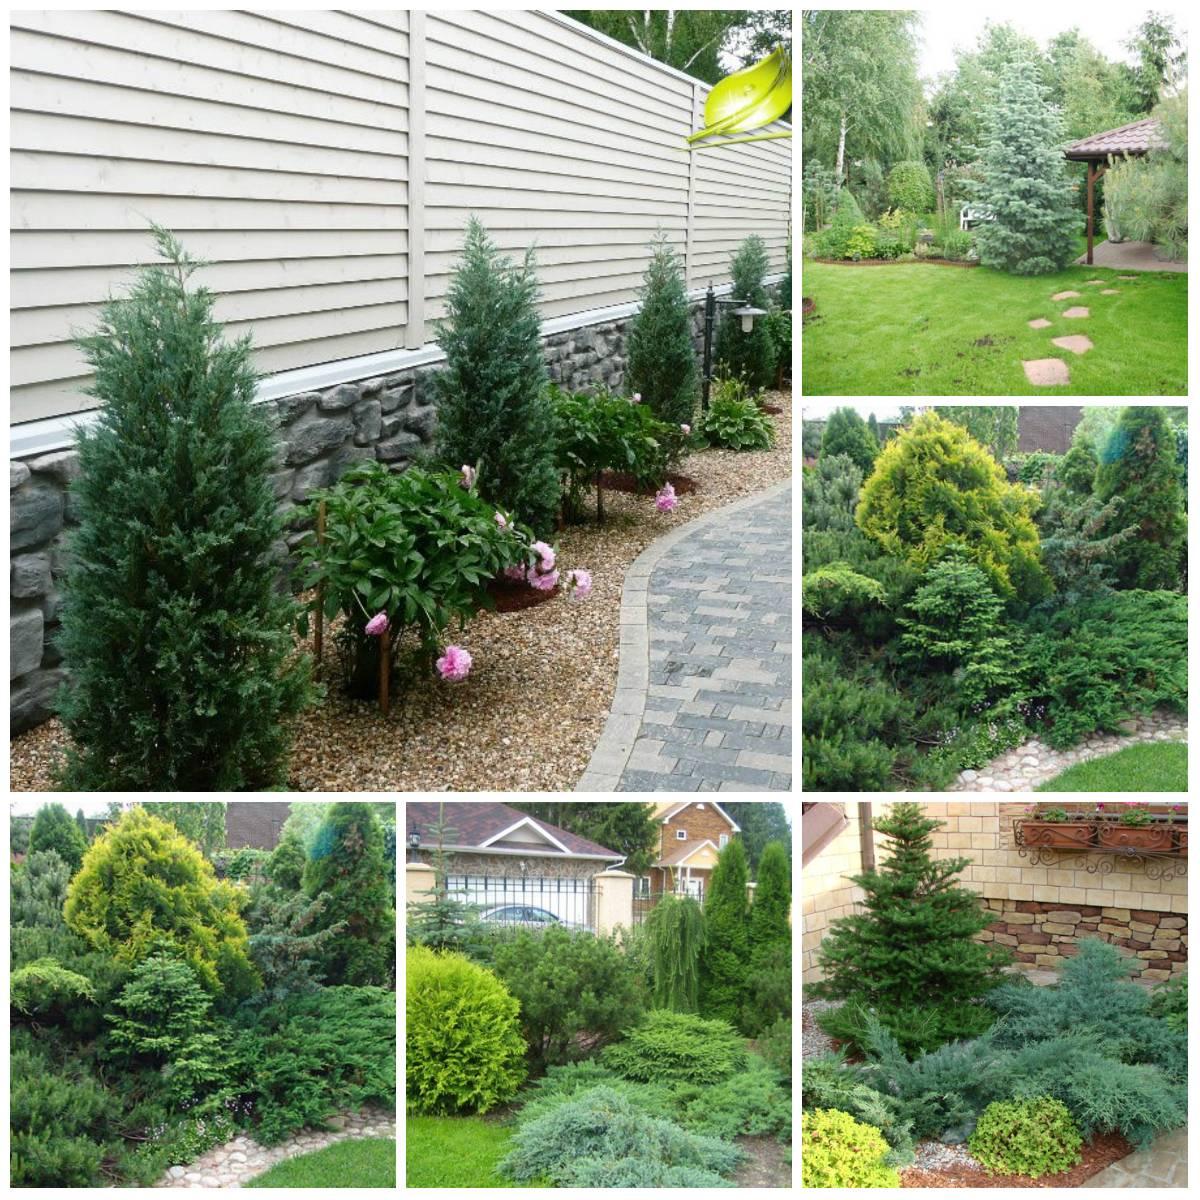 Ландшафтный дизайн маленького сада (46 фото): готовые композиции для небольшого участка, садик своими руками